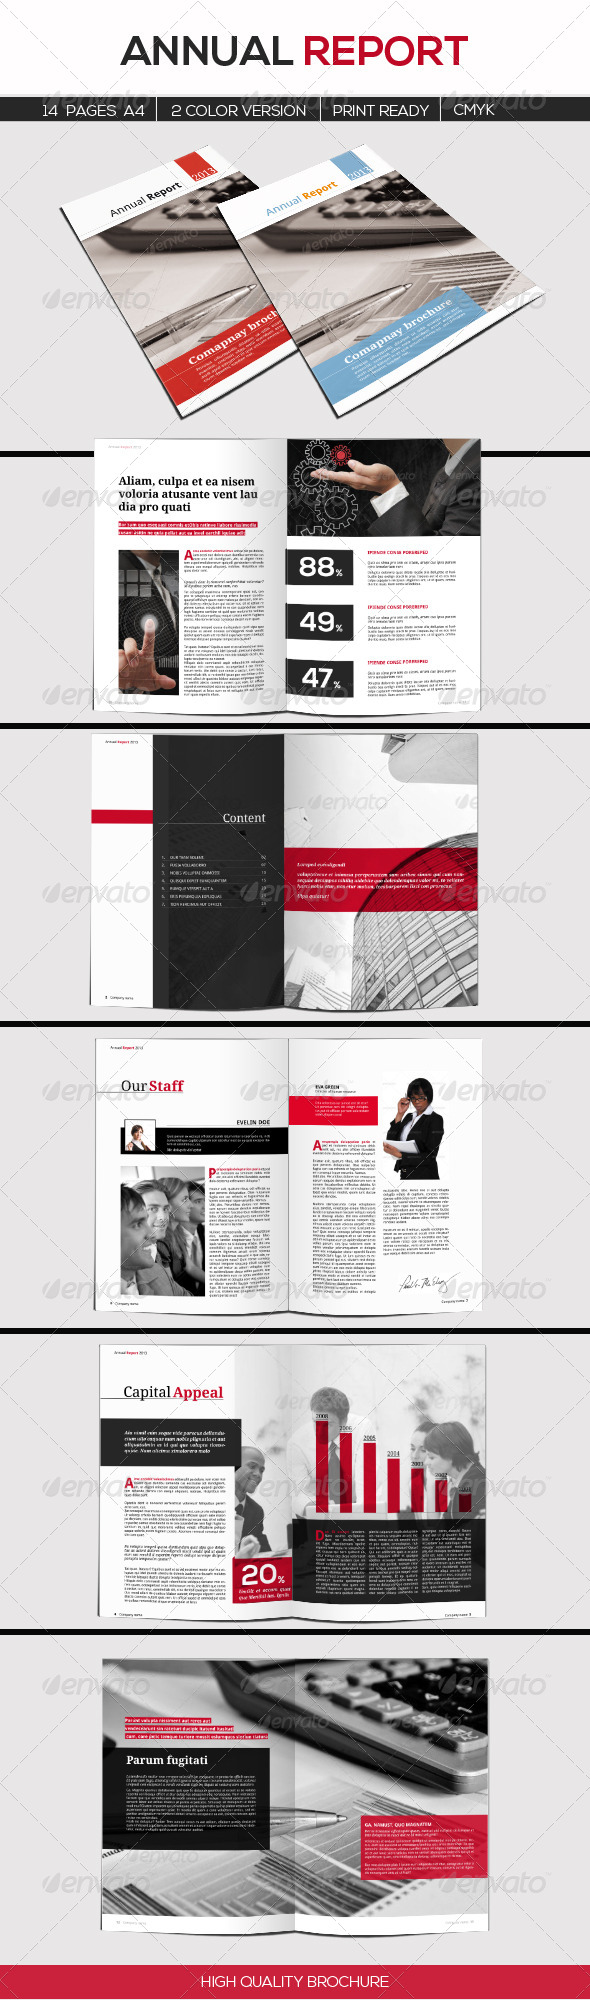 GraphicRiver Annual Report 5147513